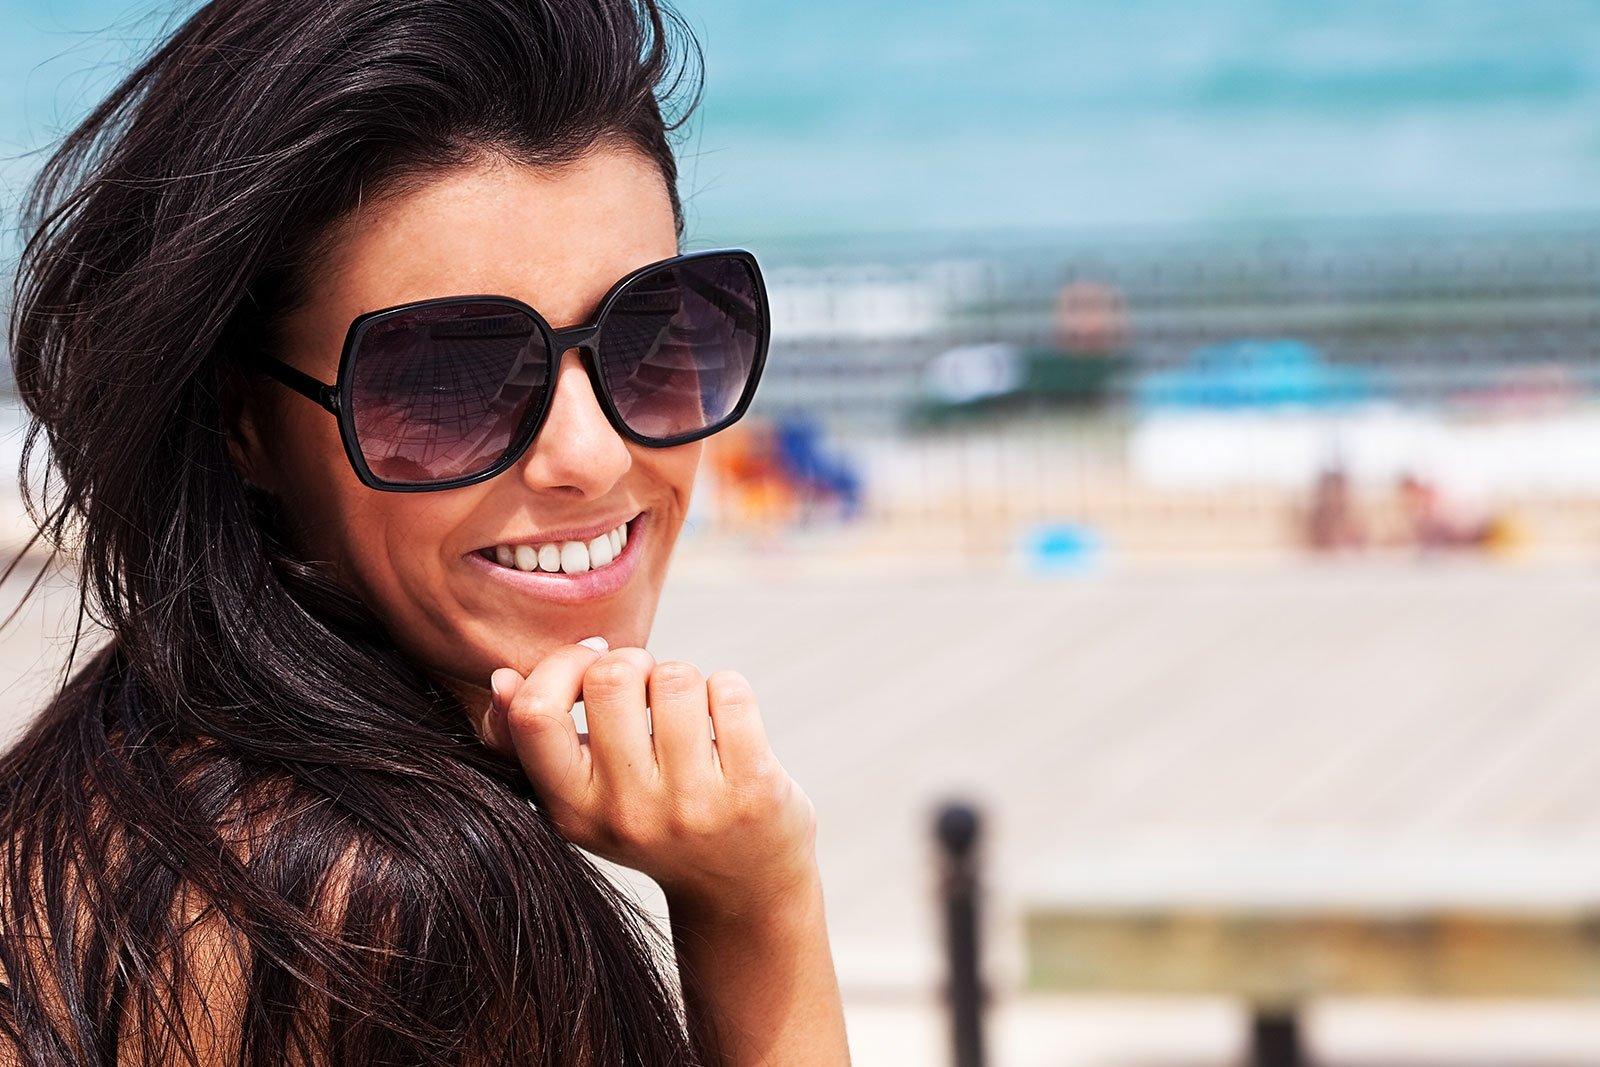 una ragazza con degli occhiali da sole neri e vista di una spiaggia